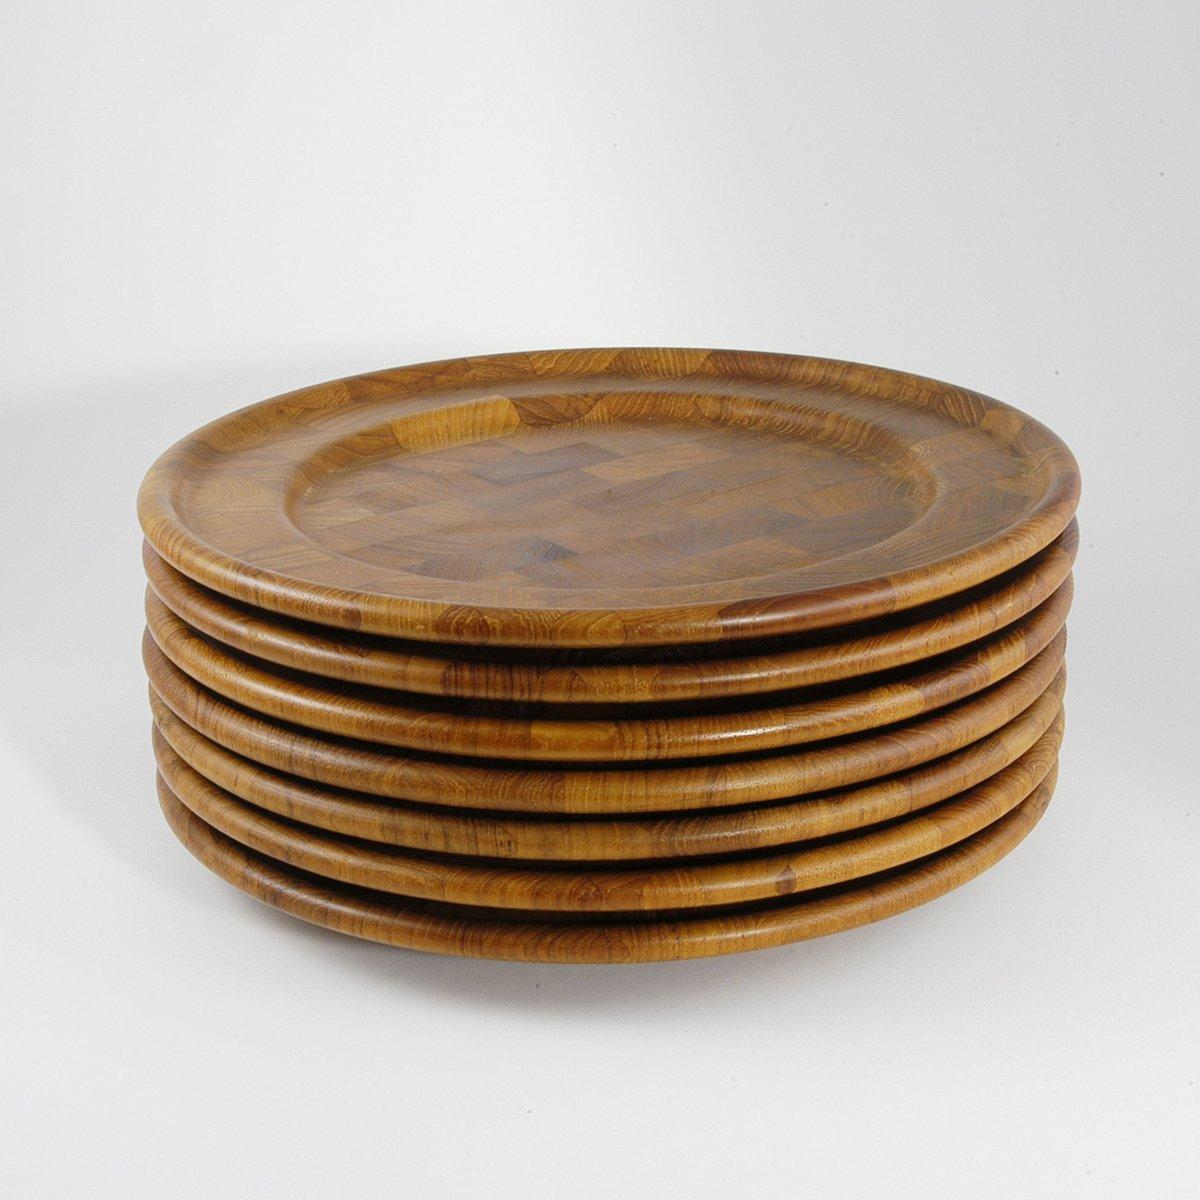 Wooden Dinnerware Sets Designs & Wooden Dinnerware Sets - Wooden Designs